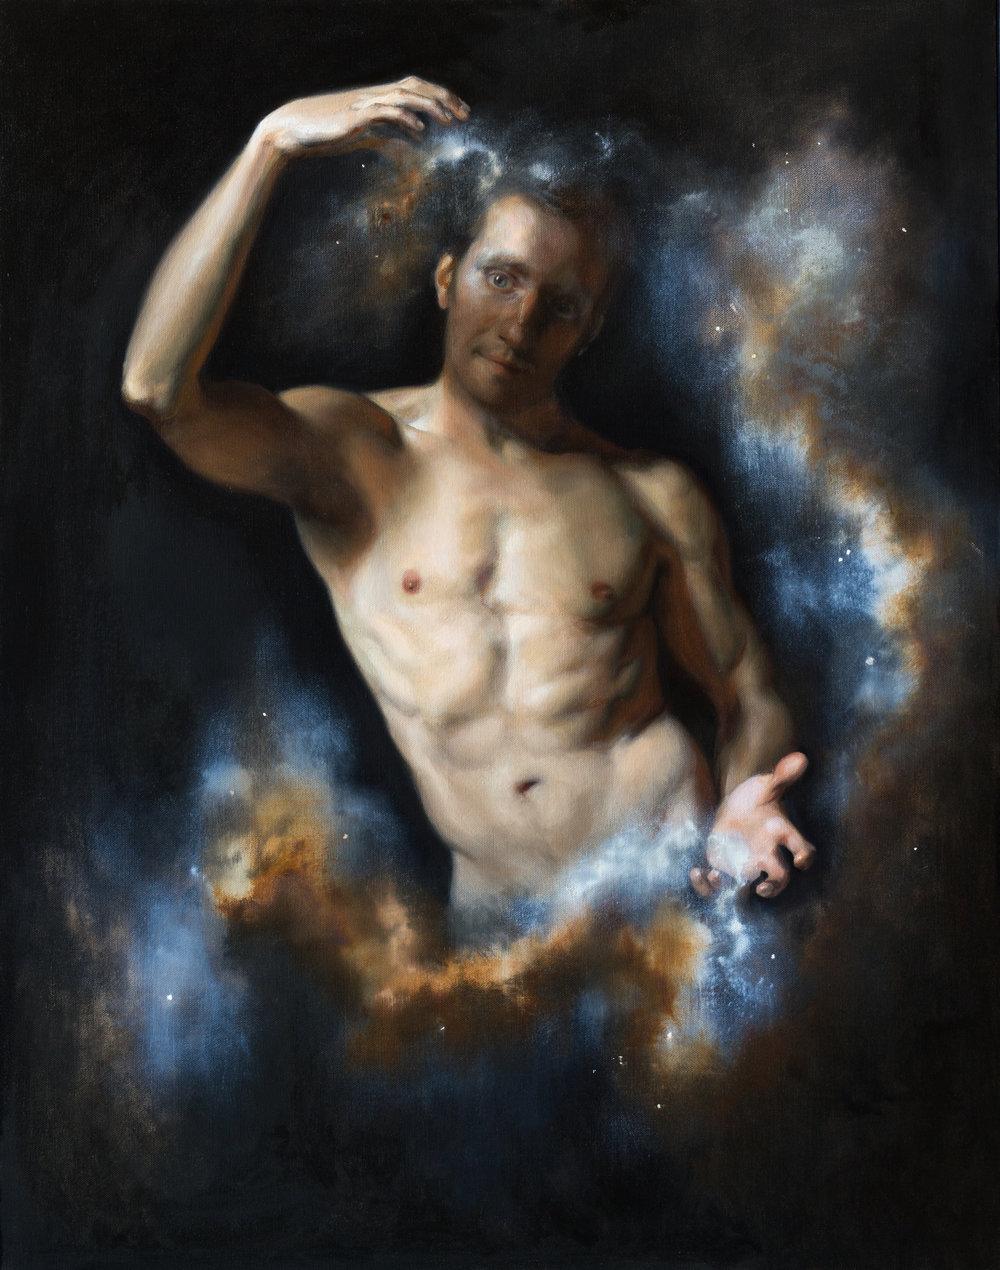 Eros,  oil on linen, 115x95, unframed, June 2014